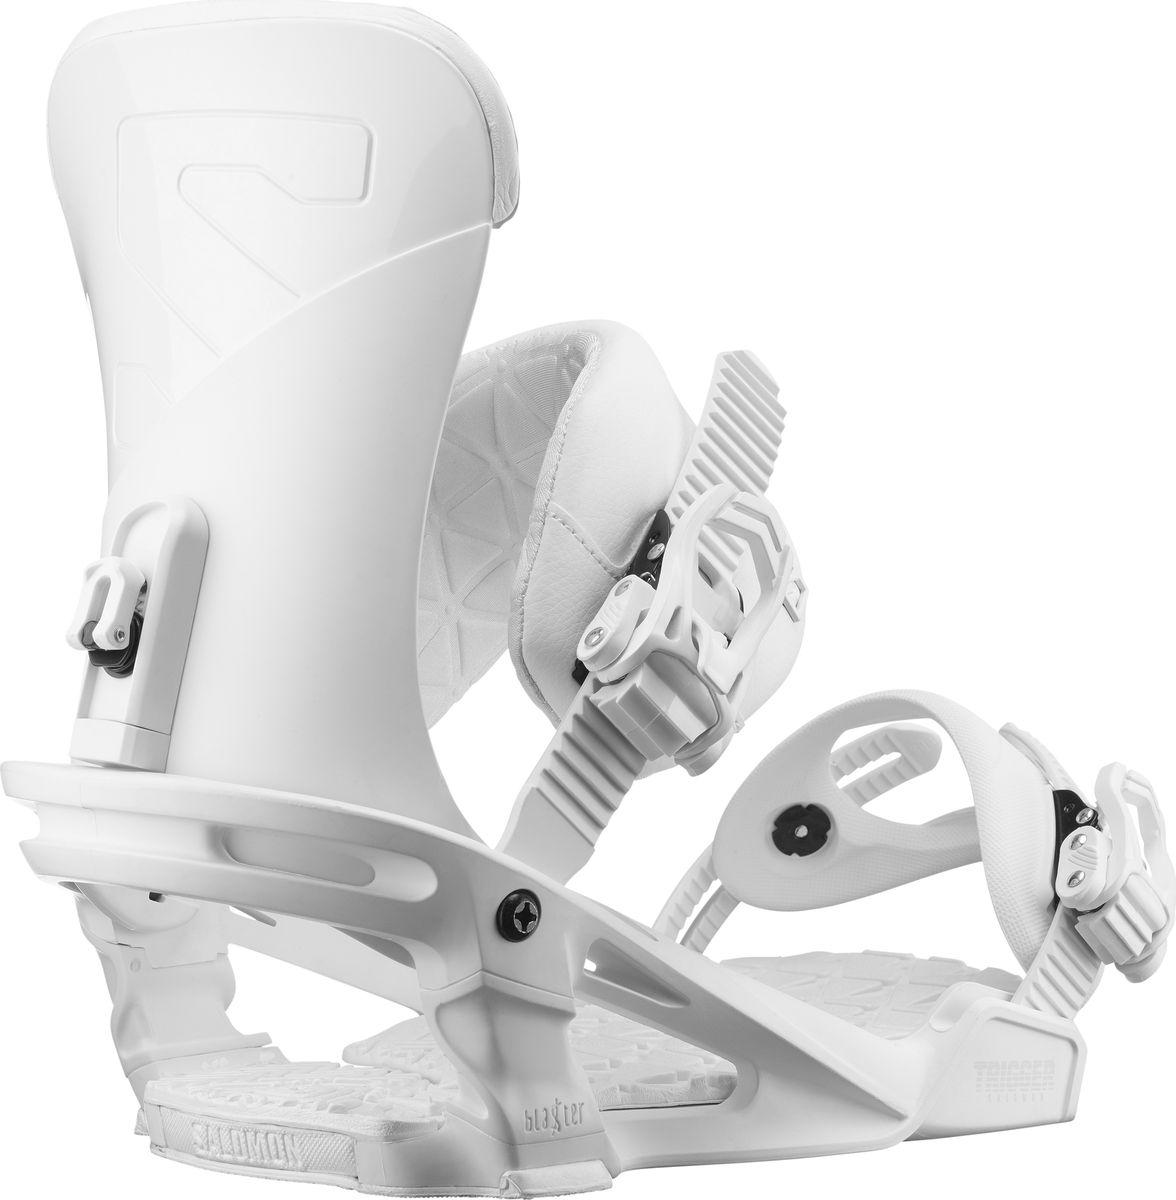 Крепления для сноуборда Salomon Trigger, цвет: белый. Размер S (35-39,5)